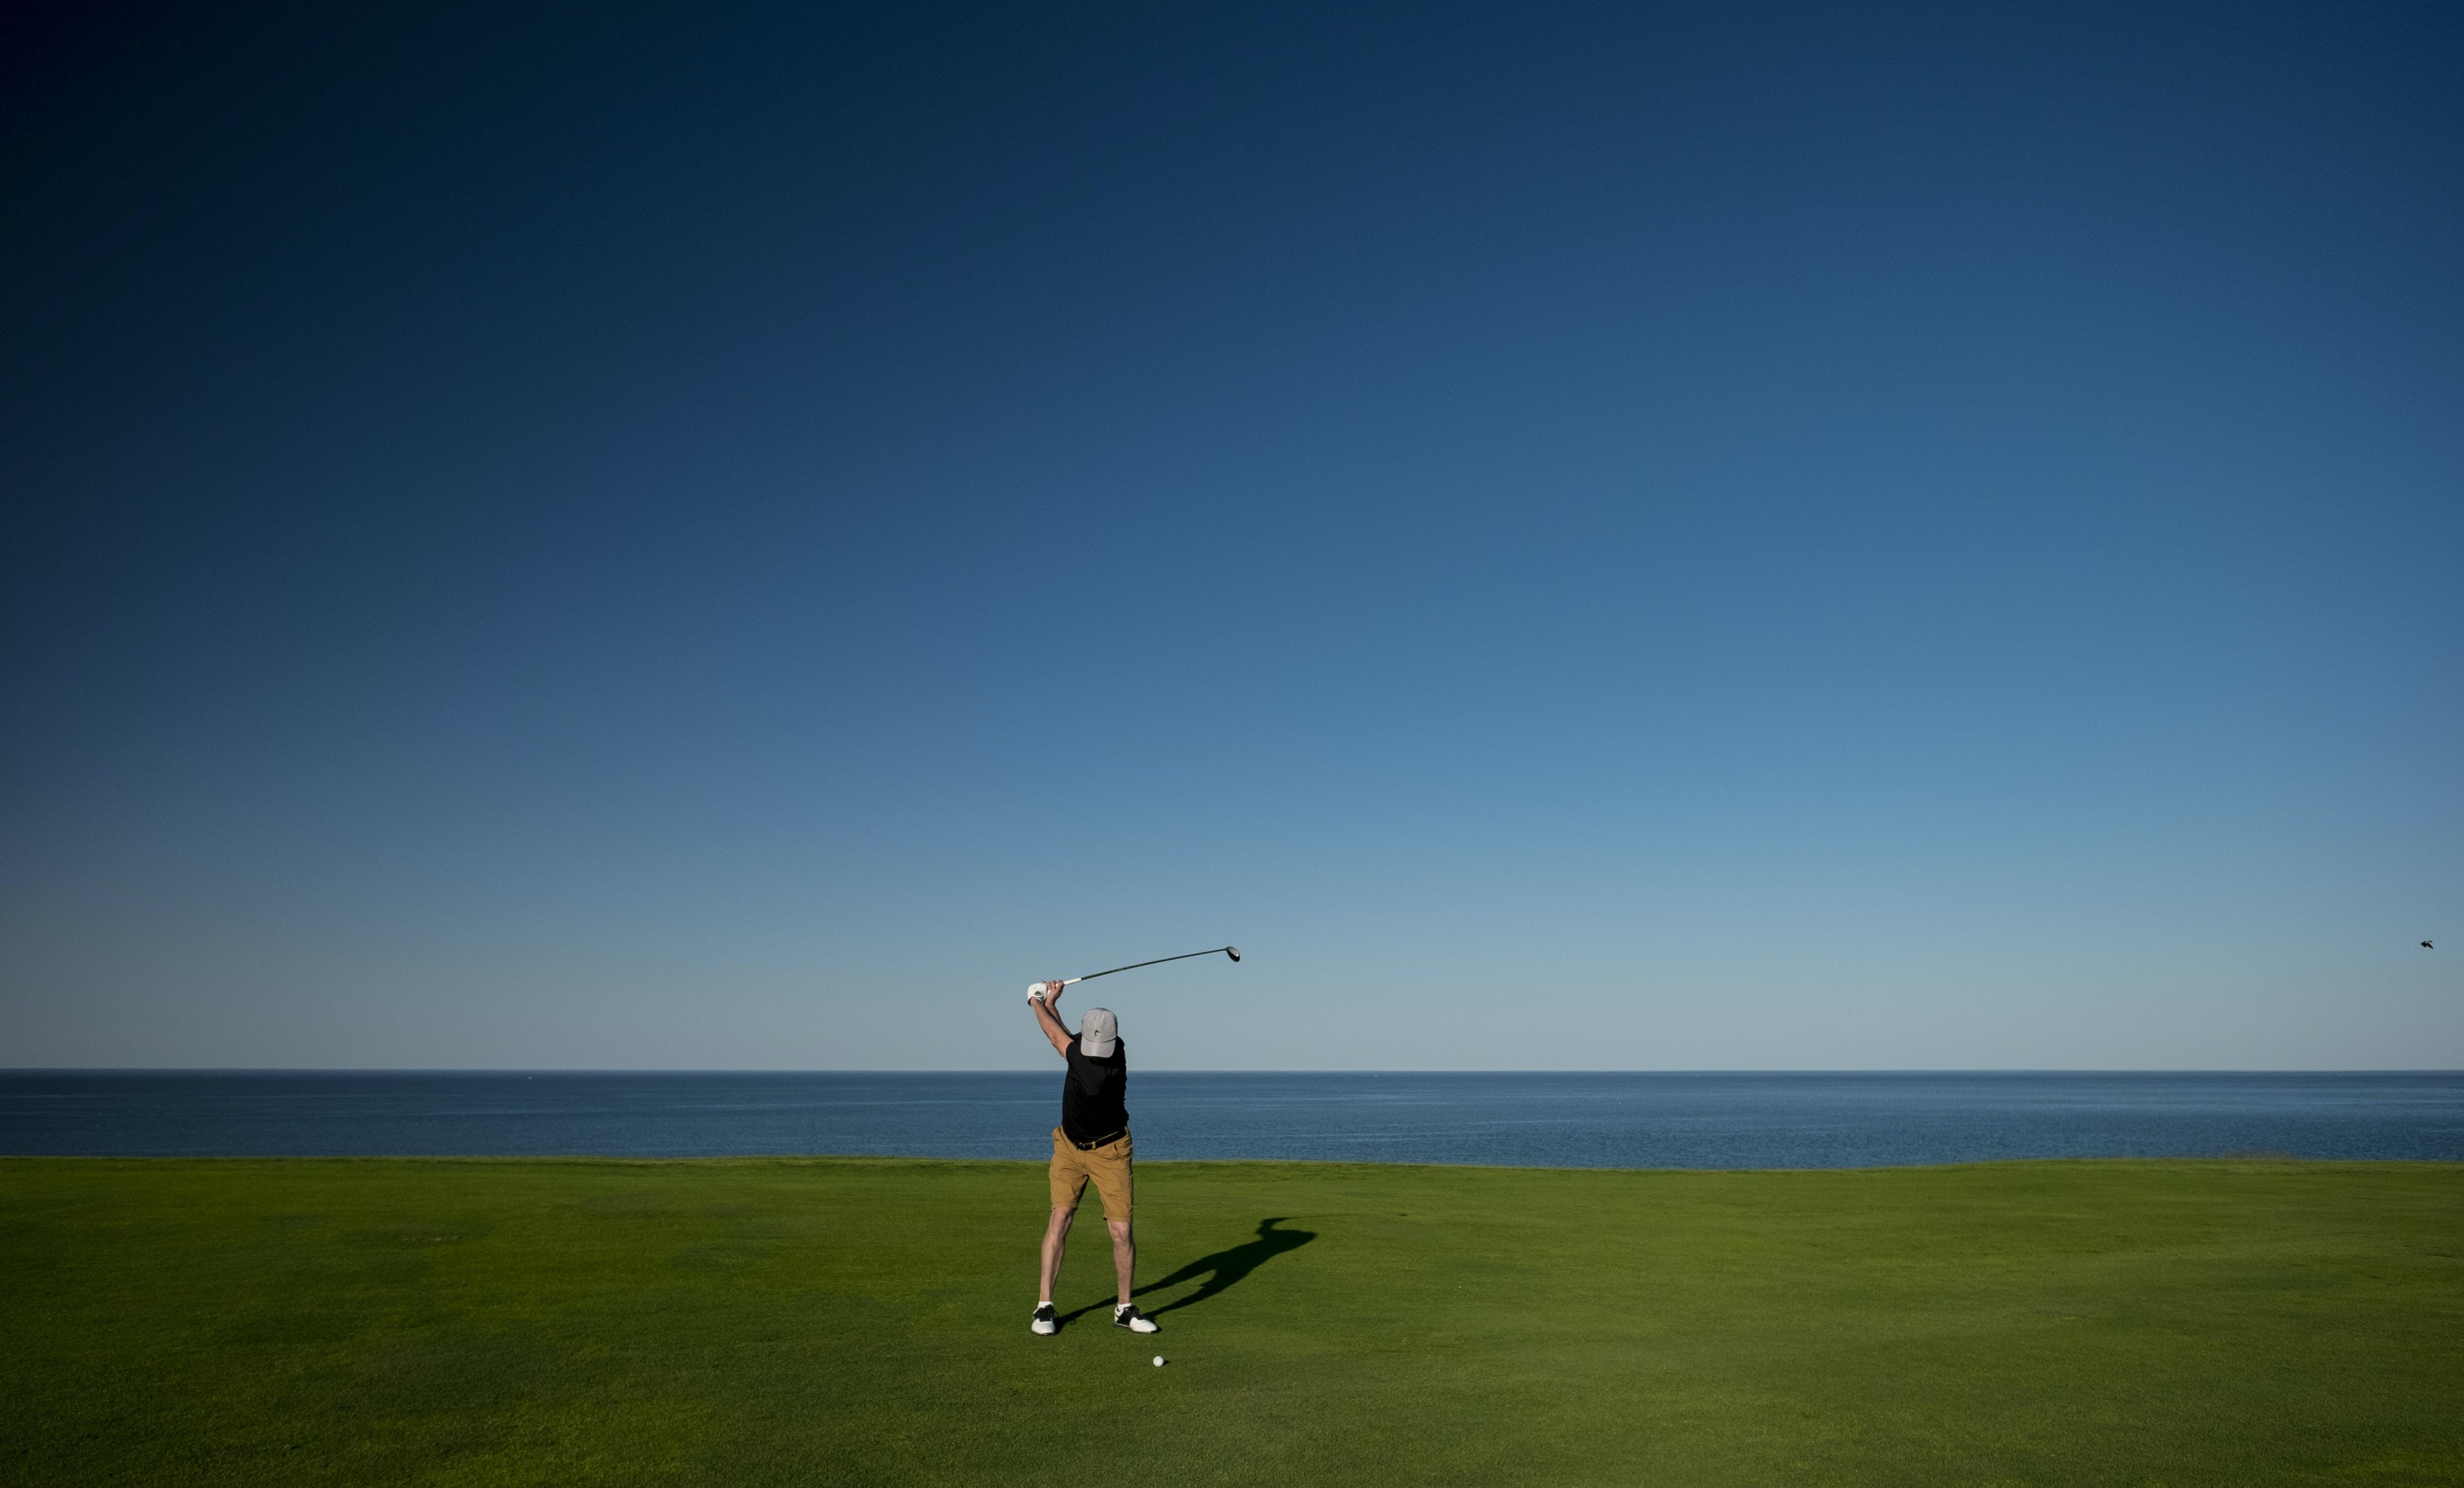 man standing on green grass field playing golf